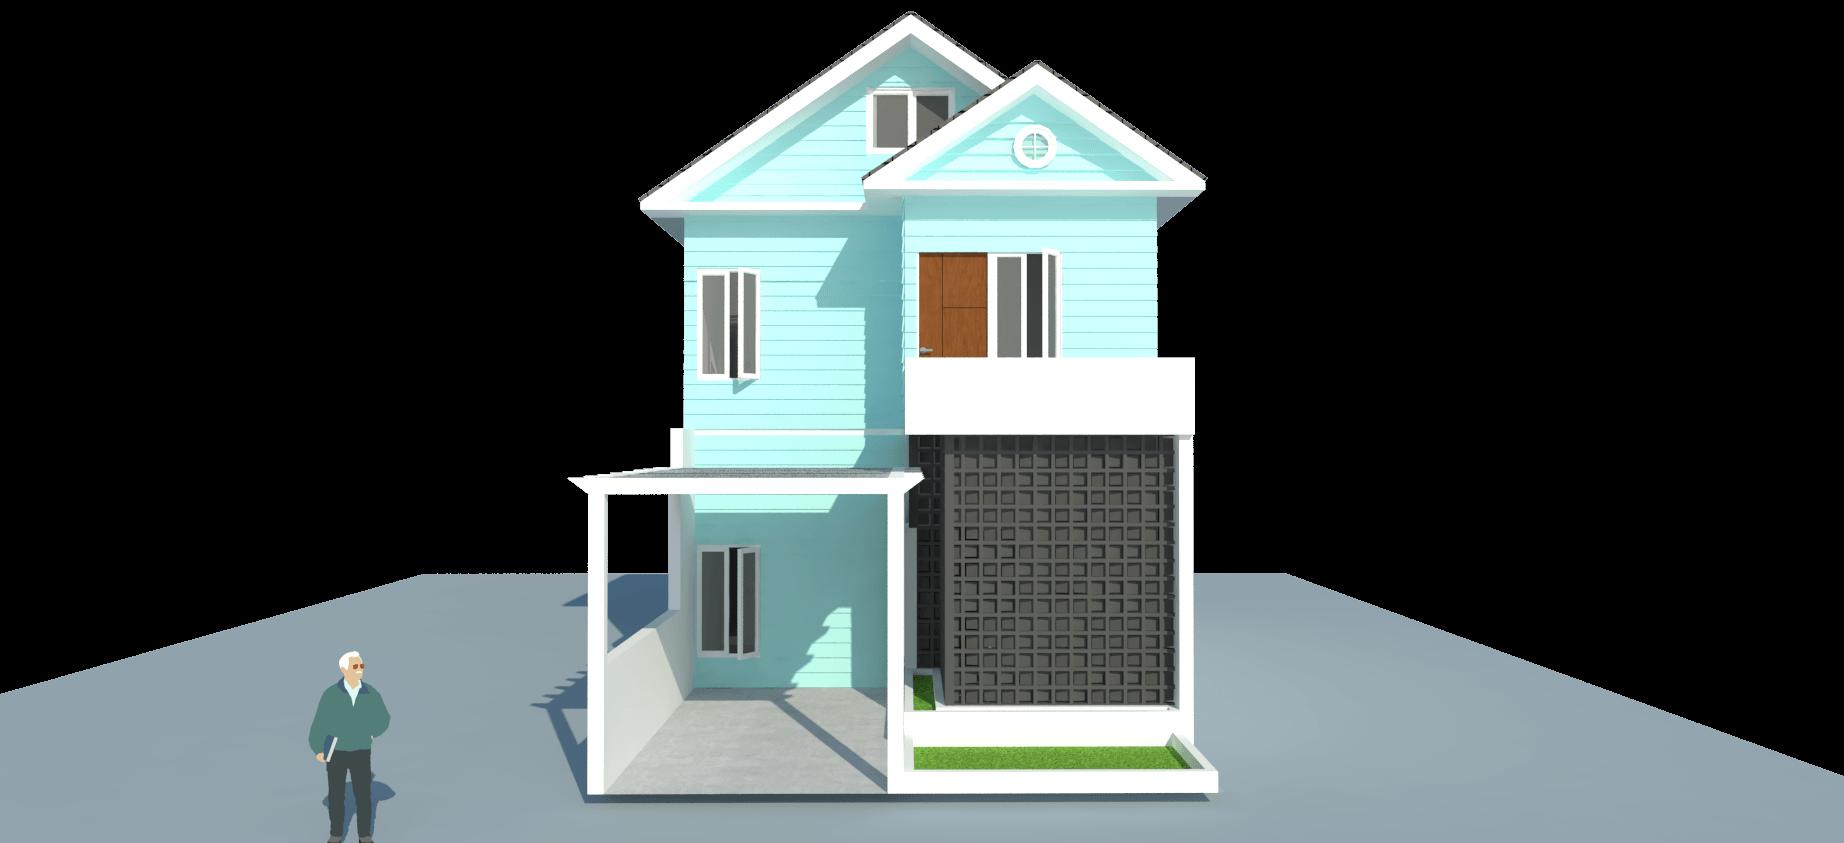 Takhta.aksata Renovasi Rumah Tinggal Komp. Metro, Cilegon Komp. Metro, Cilegon View-Depan-Rumah-Pantai   14547